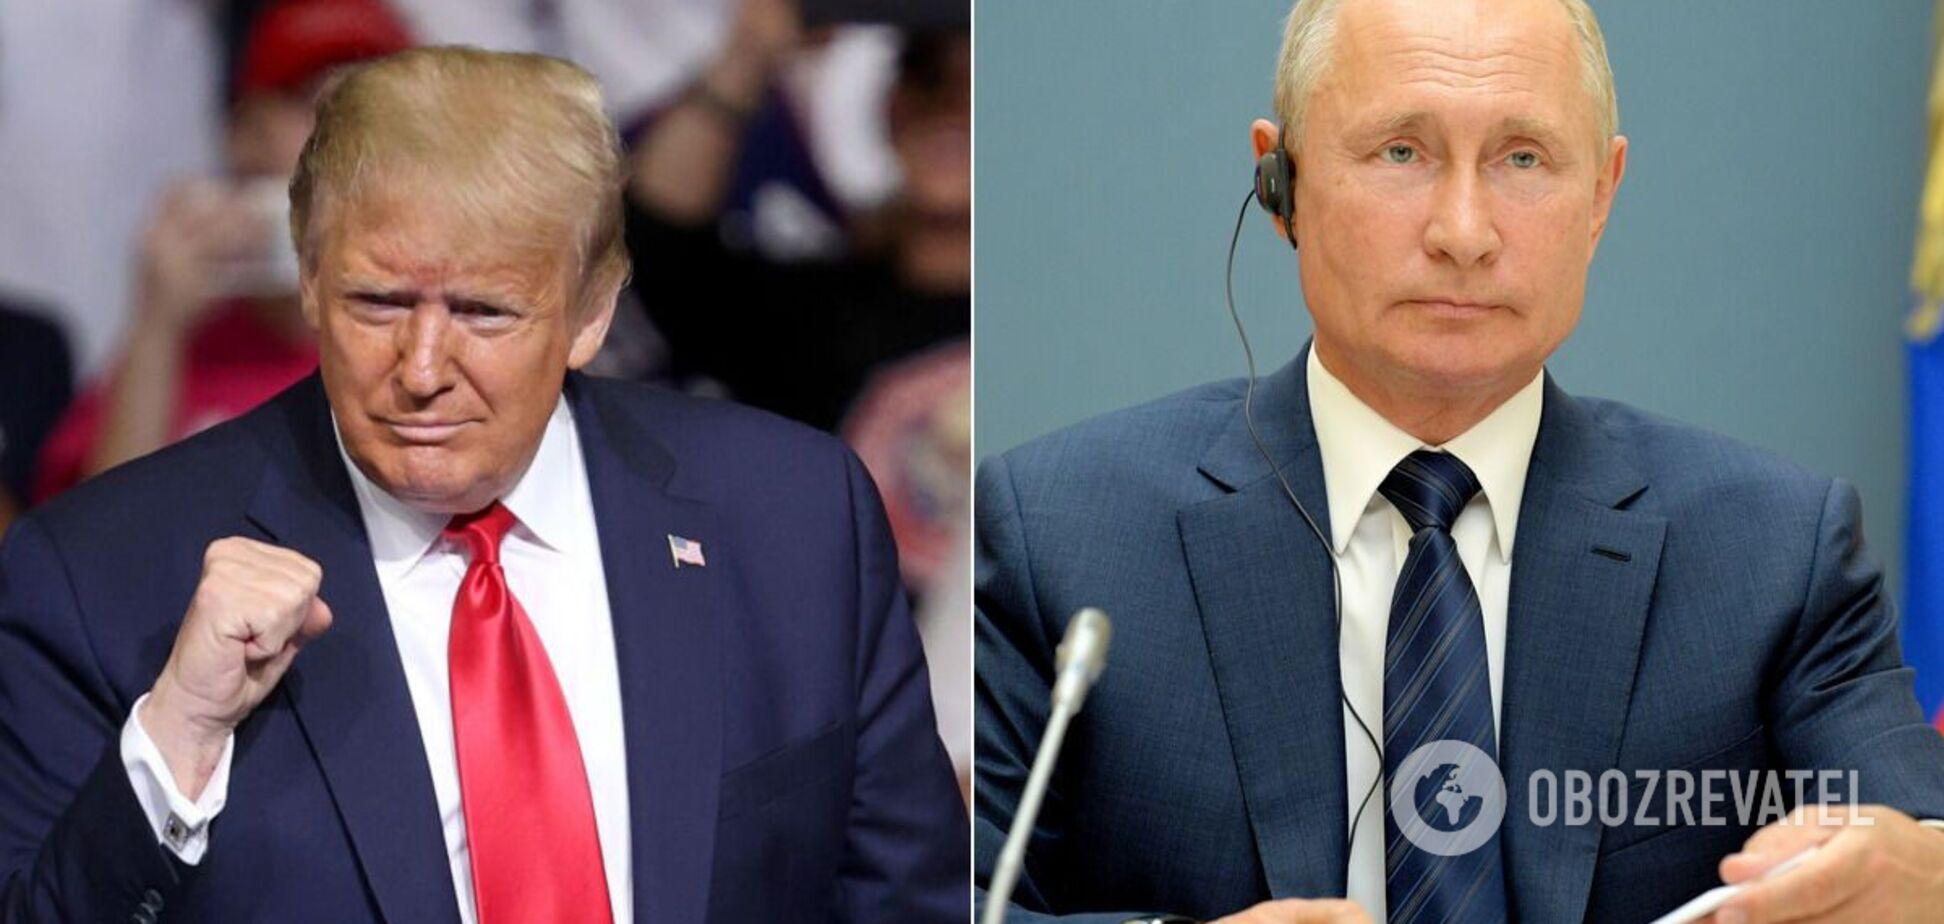 Трамп не вірив у свою перемогу, але вірив що побудує пентхаус для Путіна?